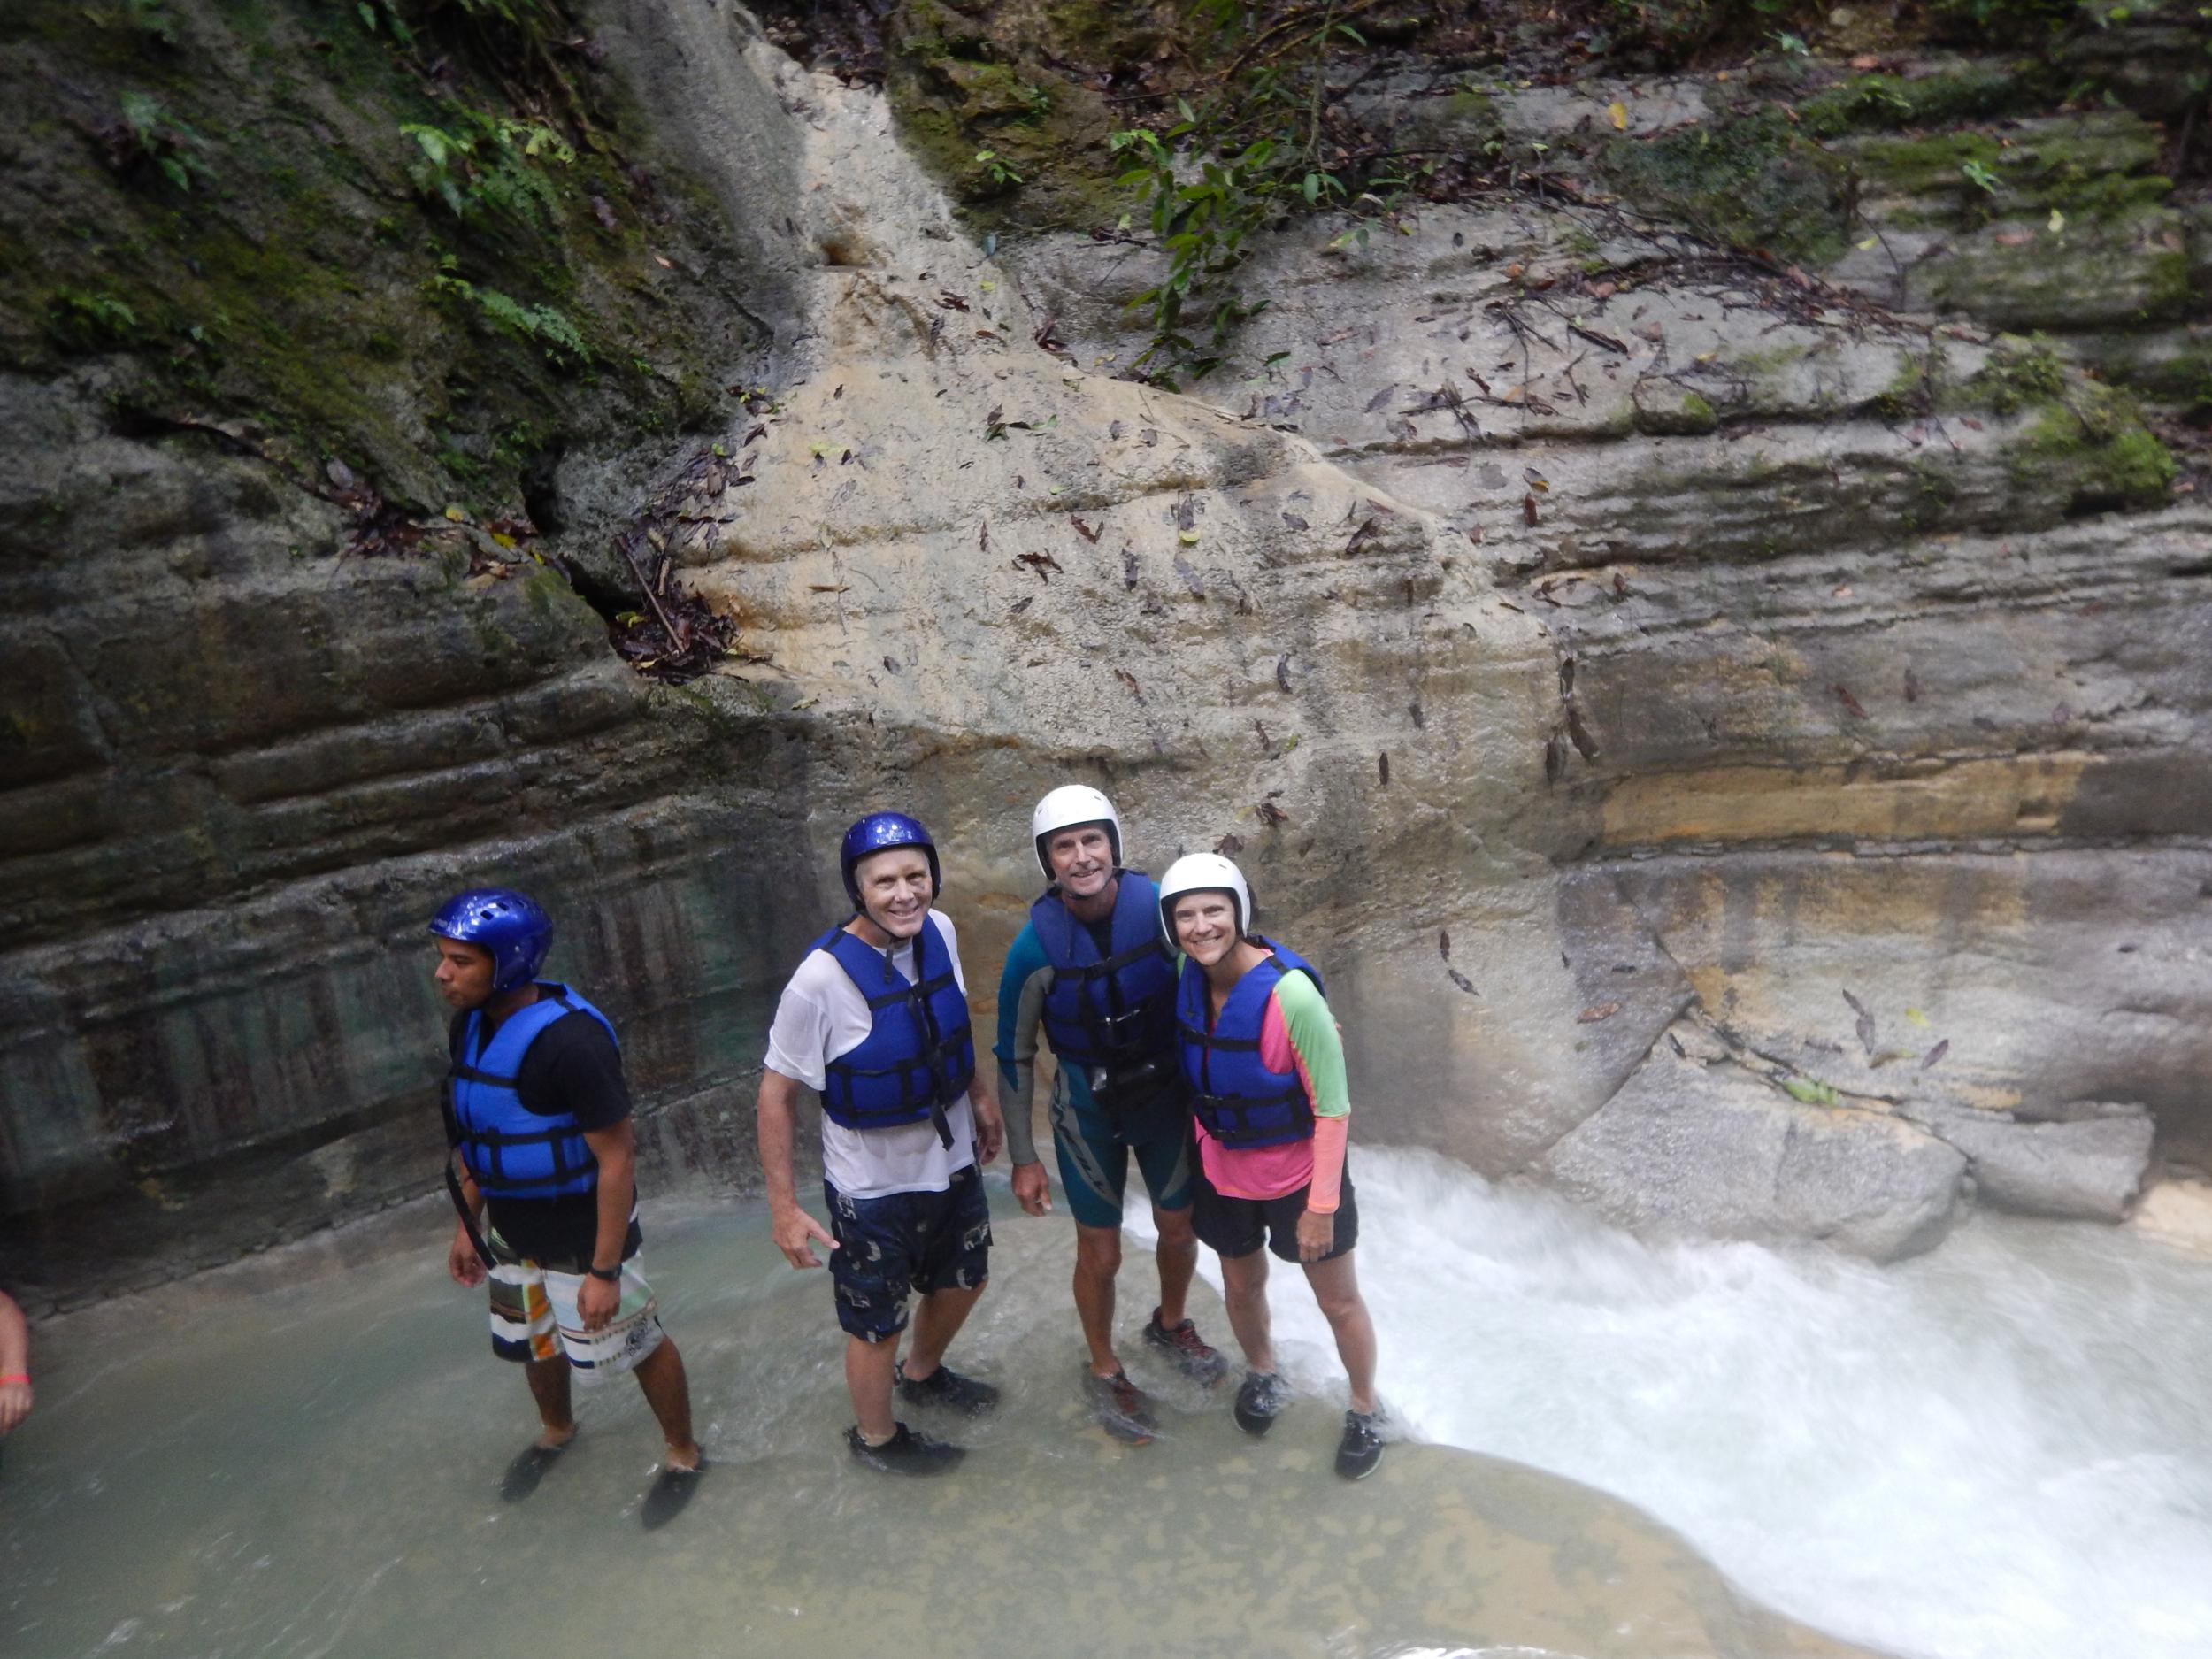 29. Playing in the 27 waterfalls, walk, jump, slide..fun